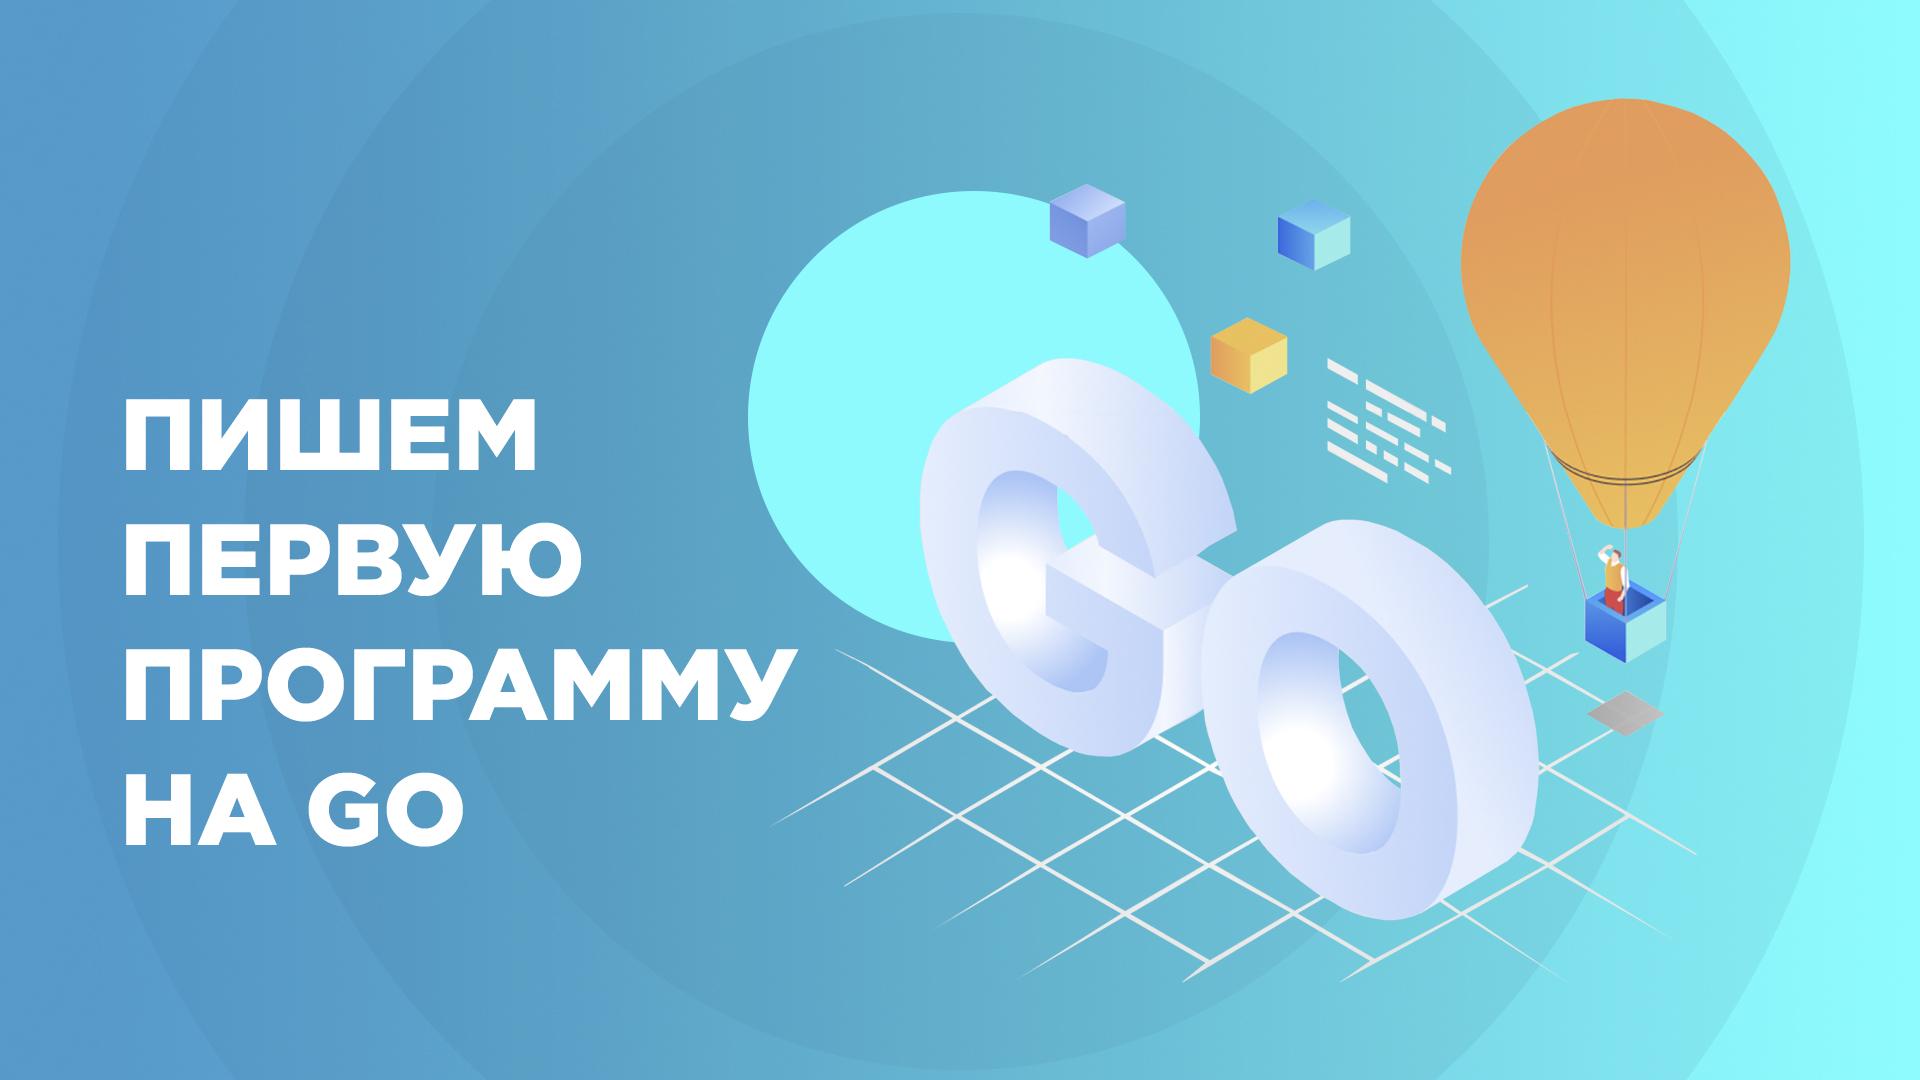 Вебинар Пишем первую программу на Go фото